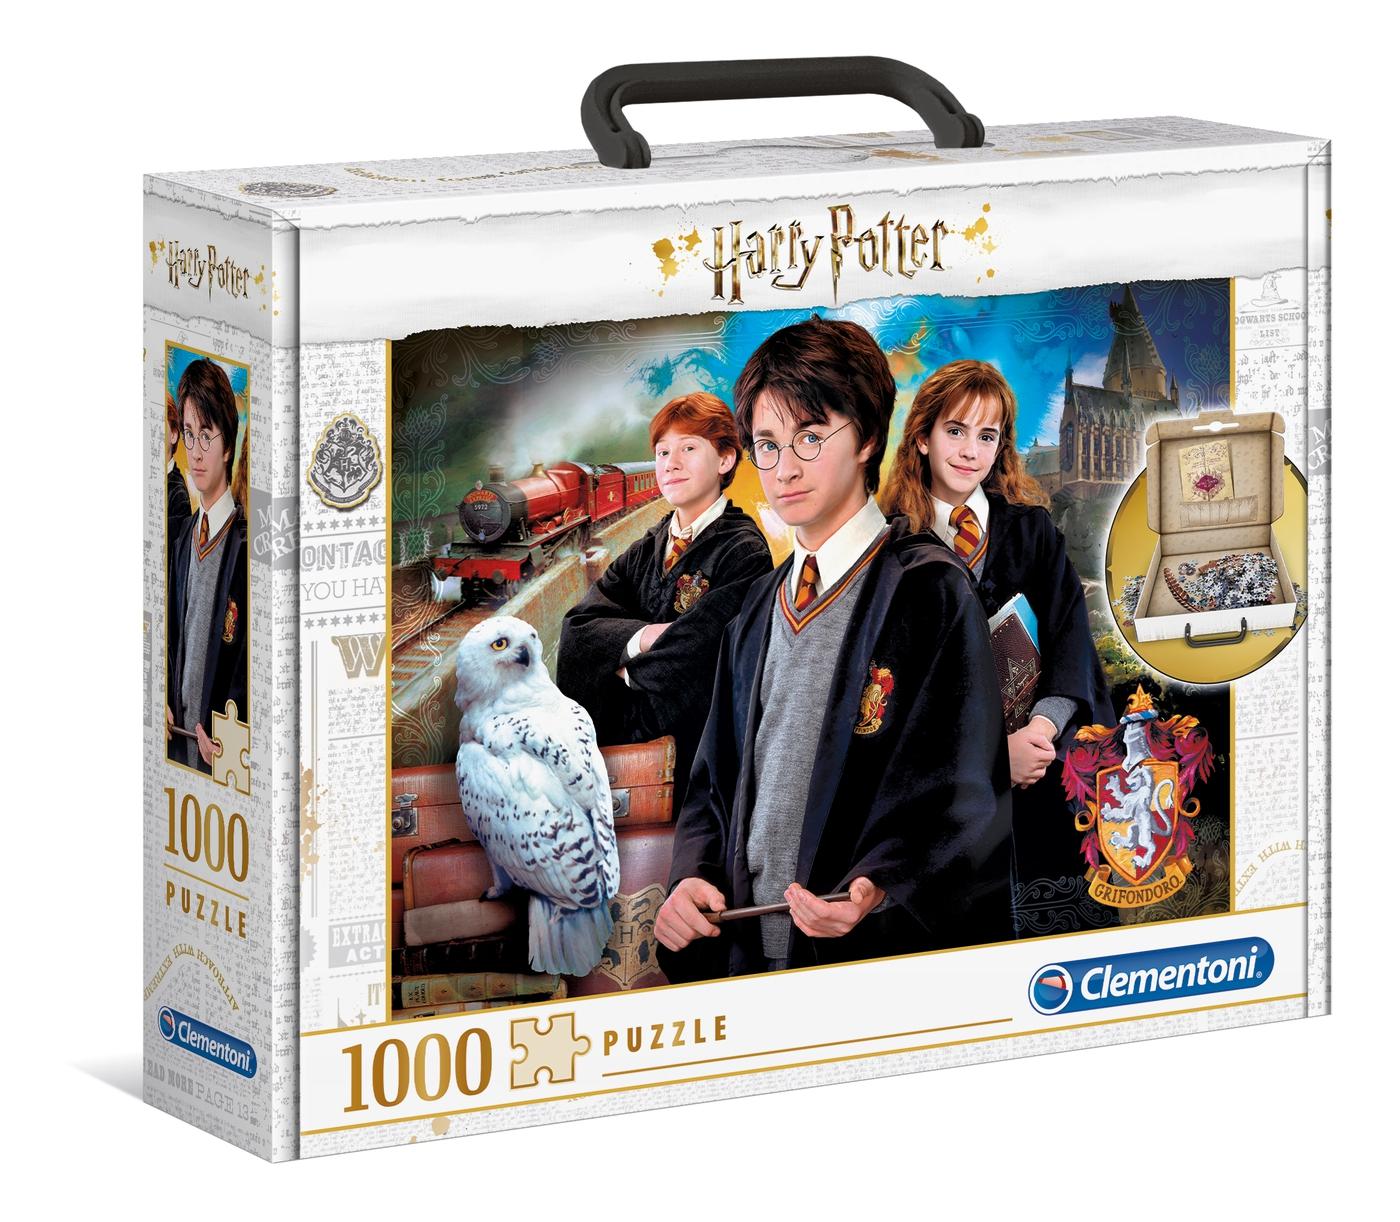 Puzzle Clementoni Harry Potter Maletín de 1000 Piezas